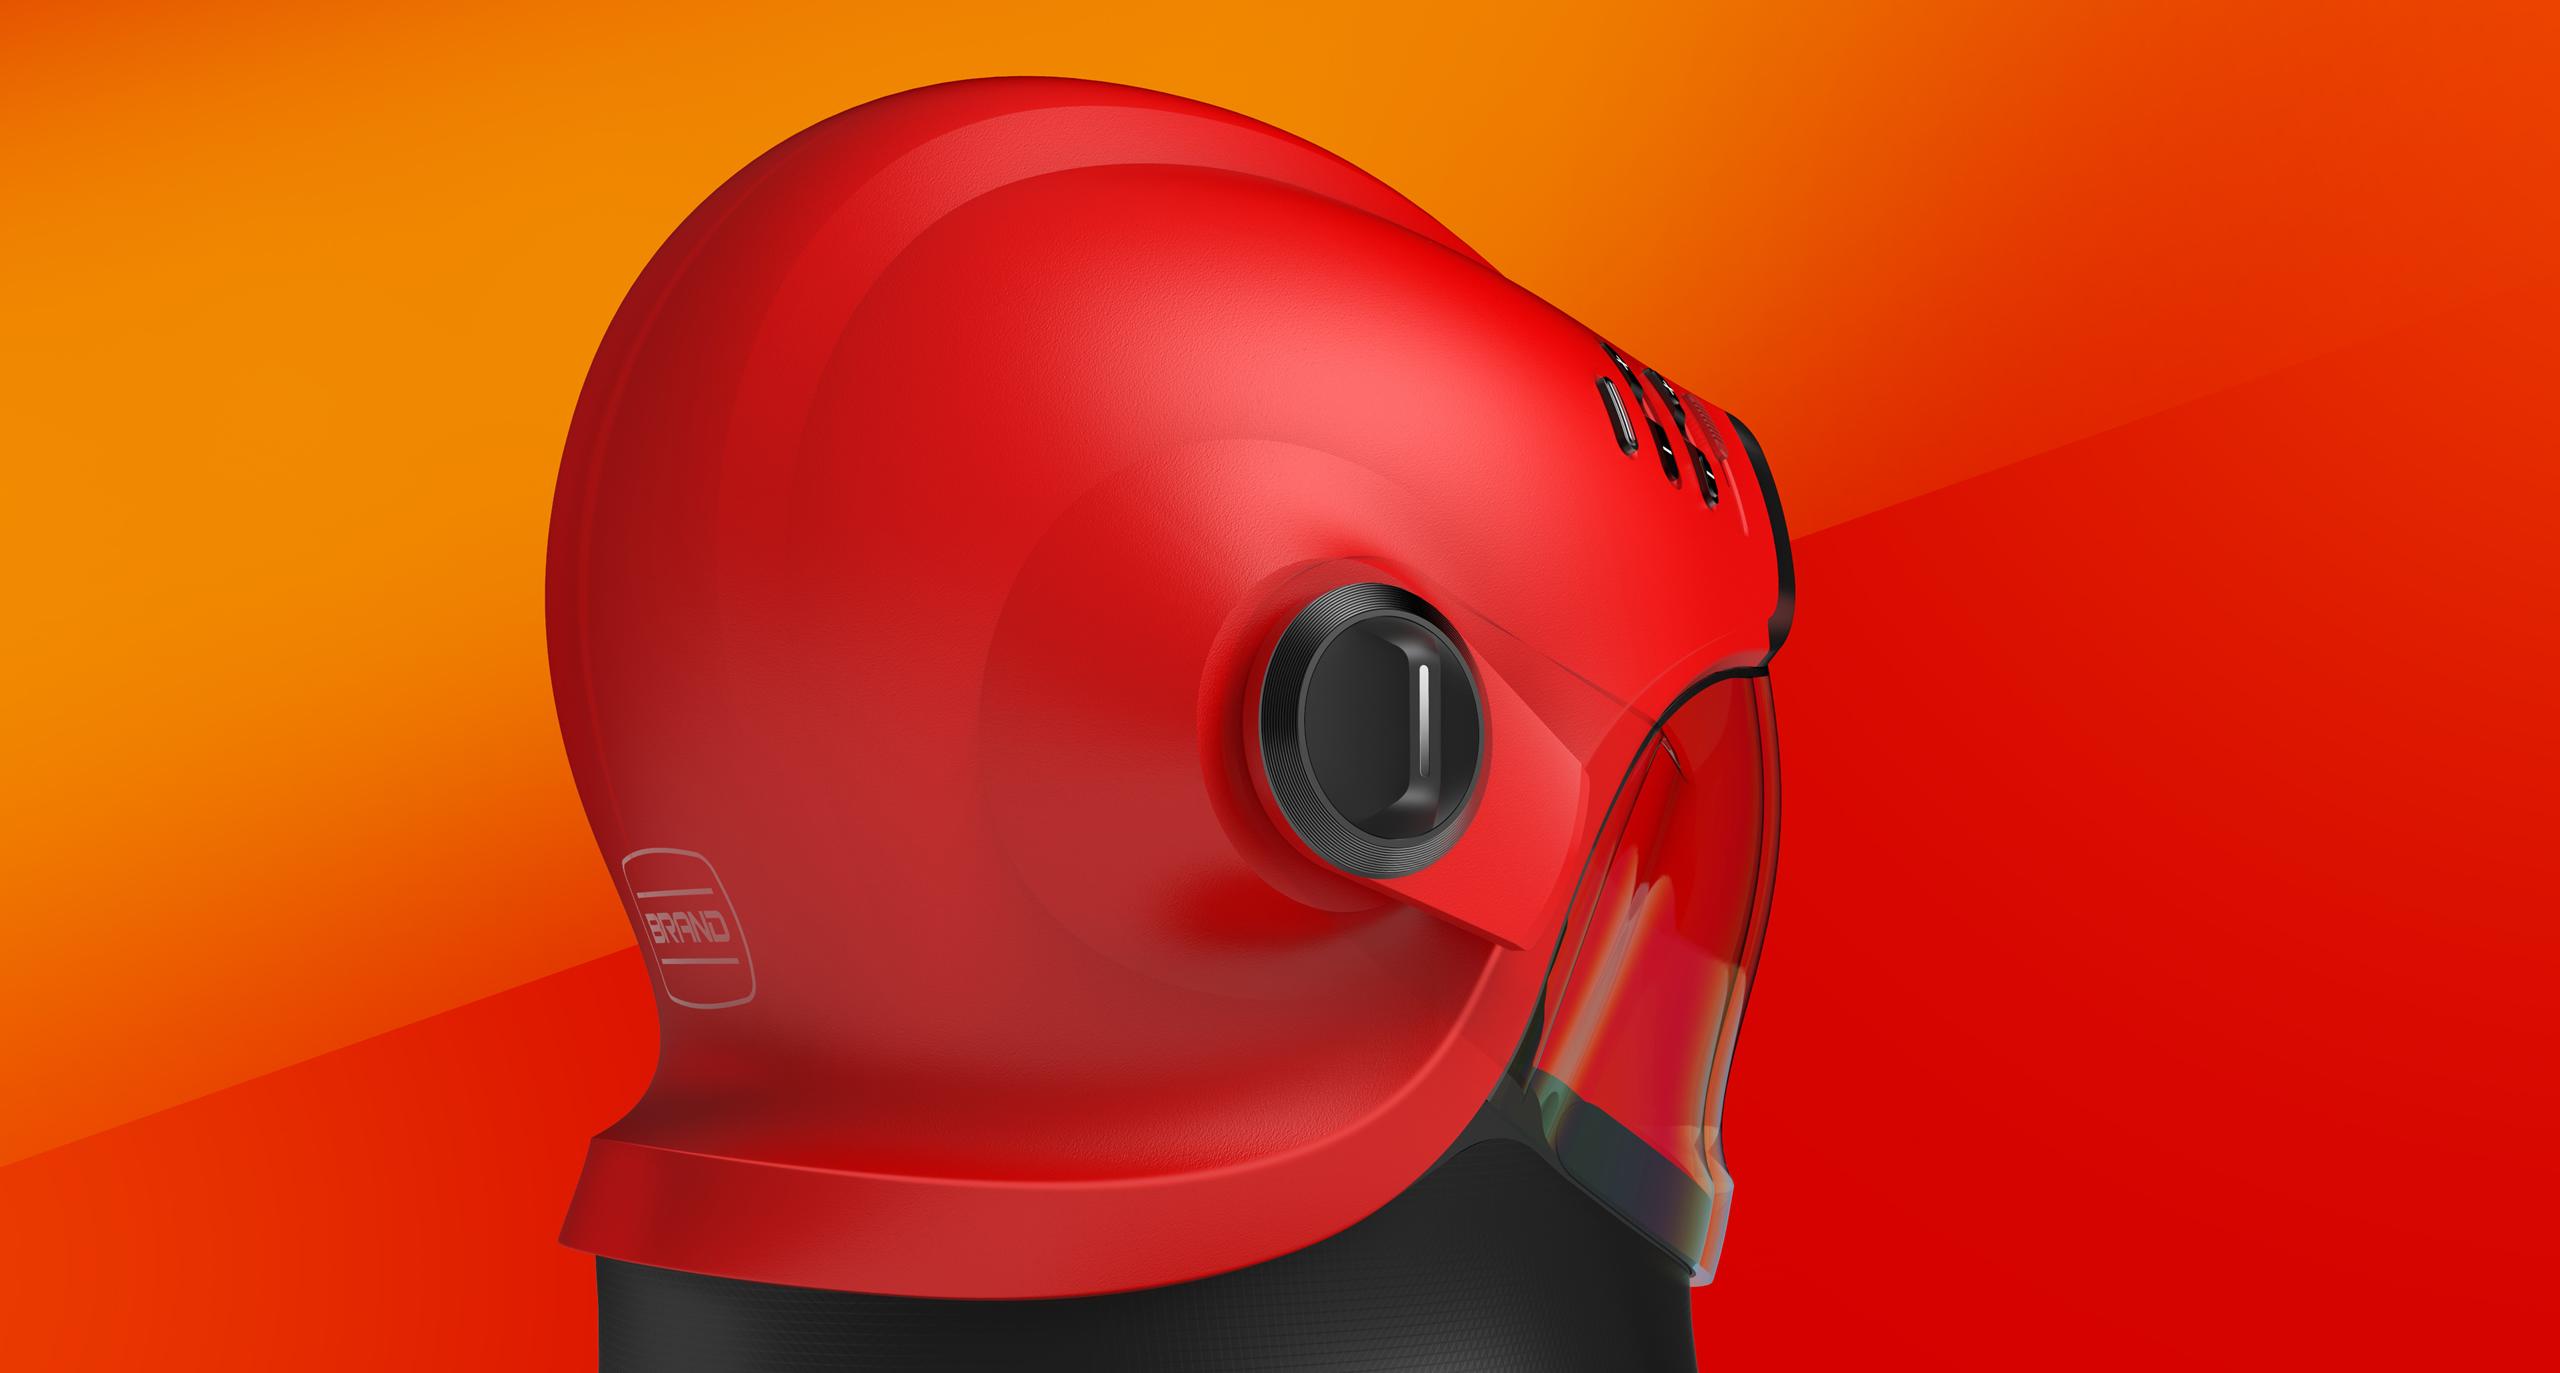 Fire helmet 附加图